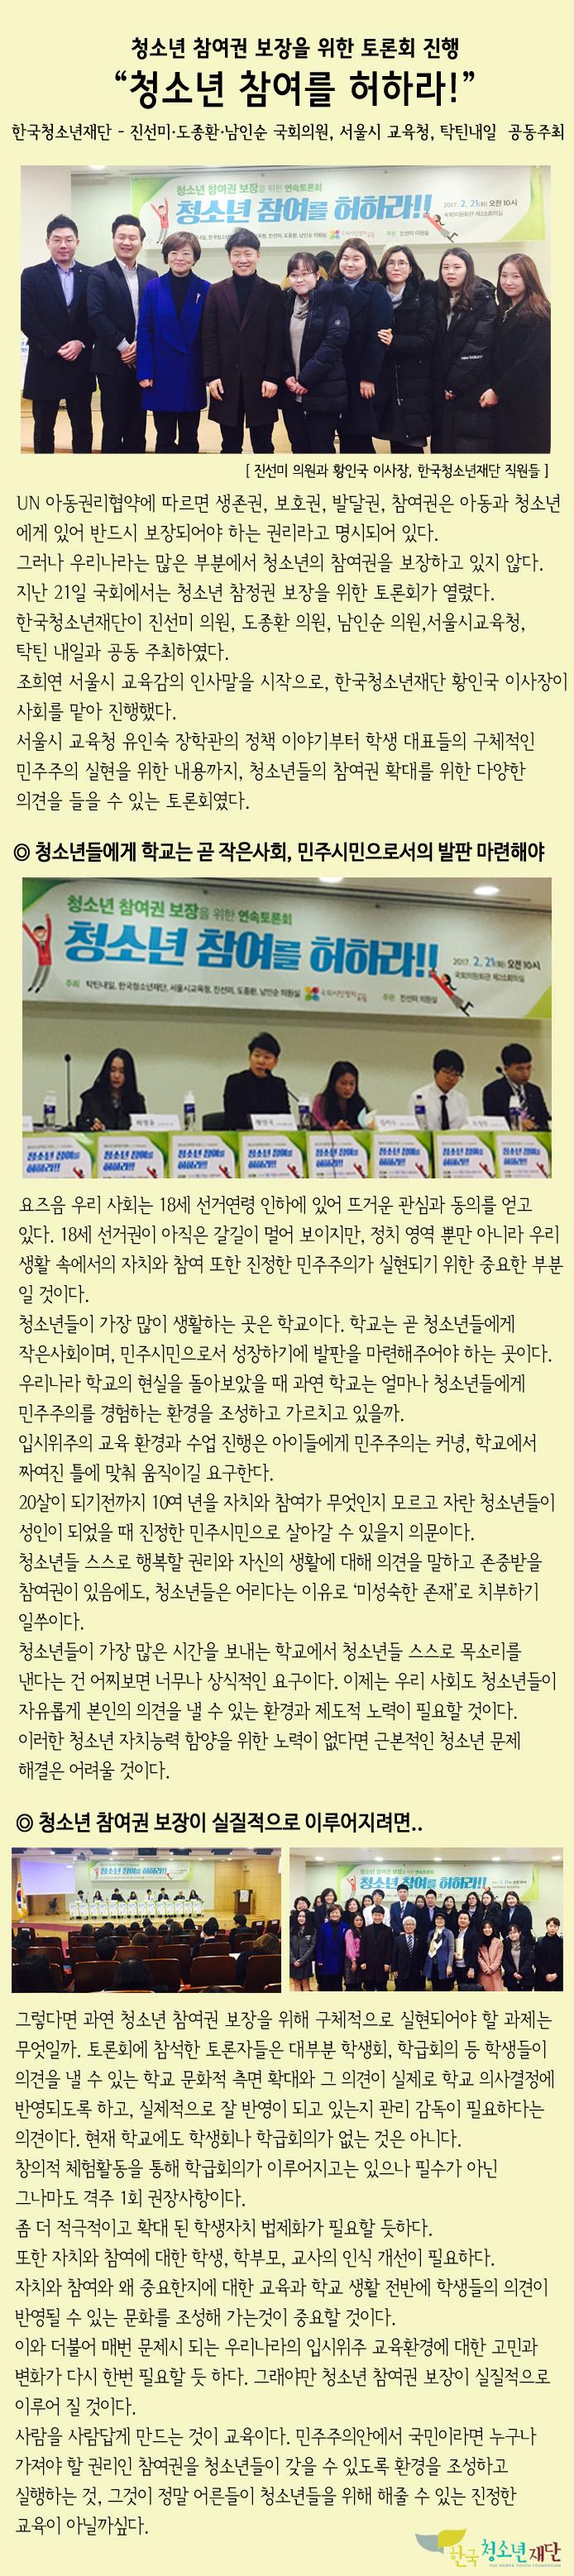 참여권 보장 연속토론회.jpg